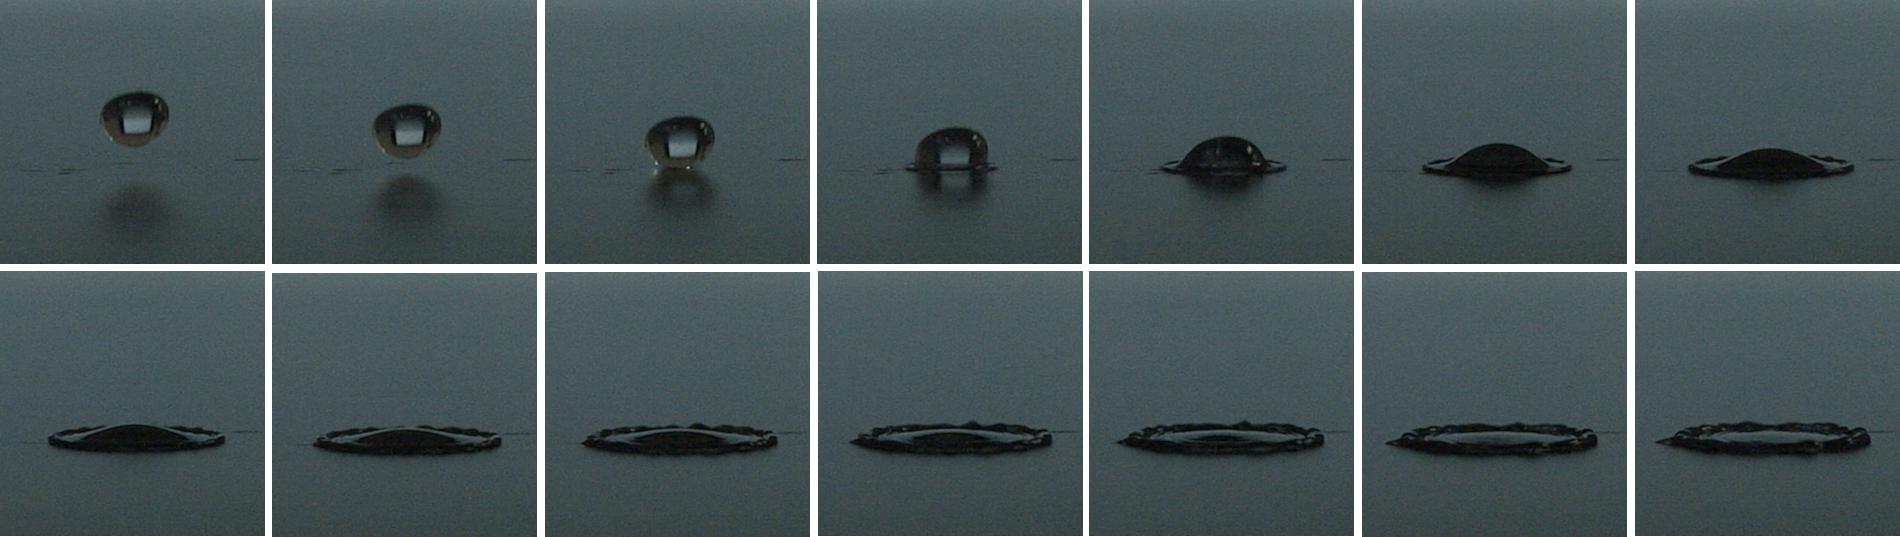 高速度撮影による現象の可視化例 液滴の落下、衝突